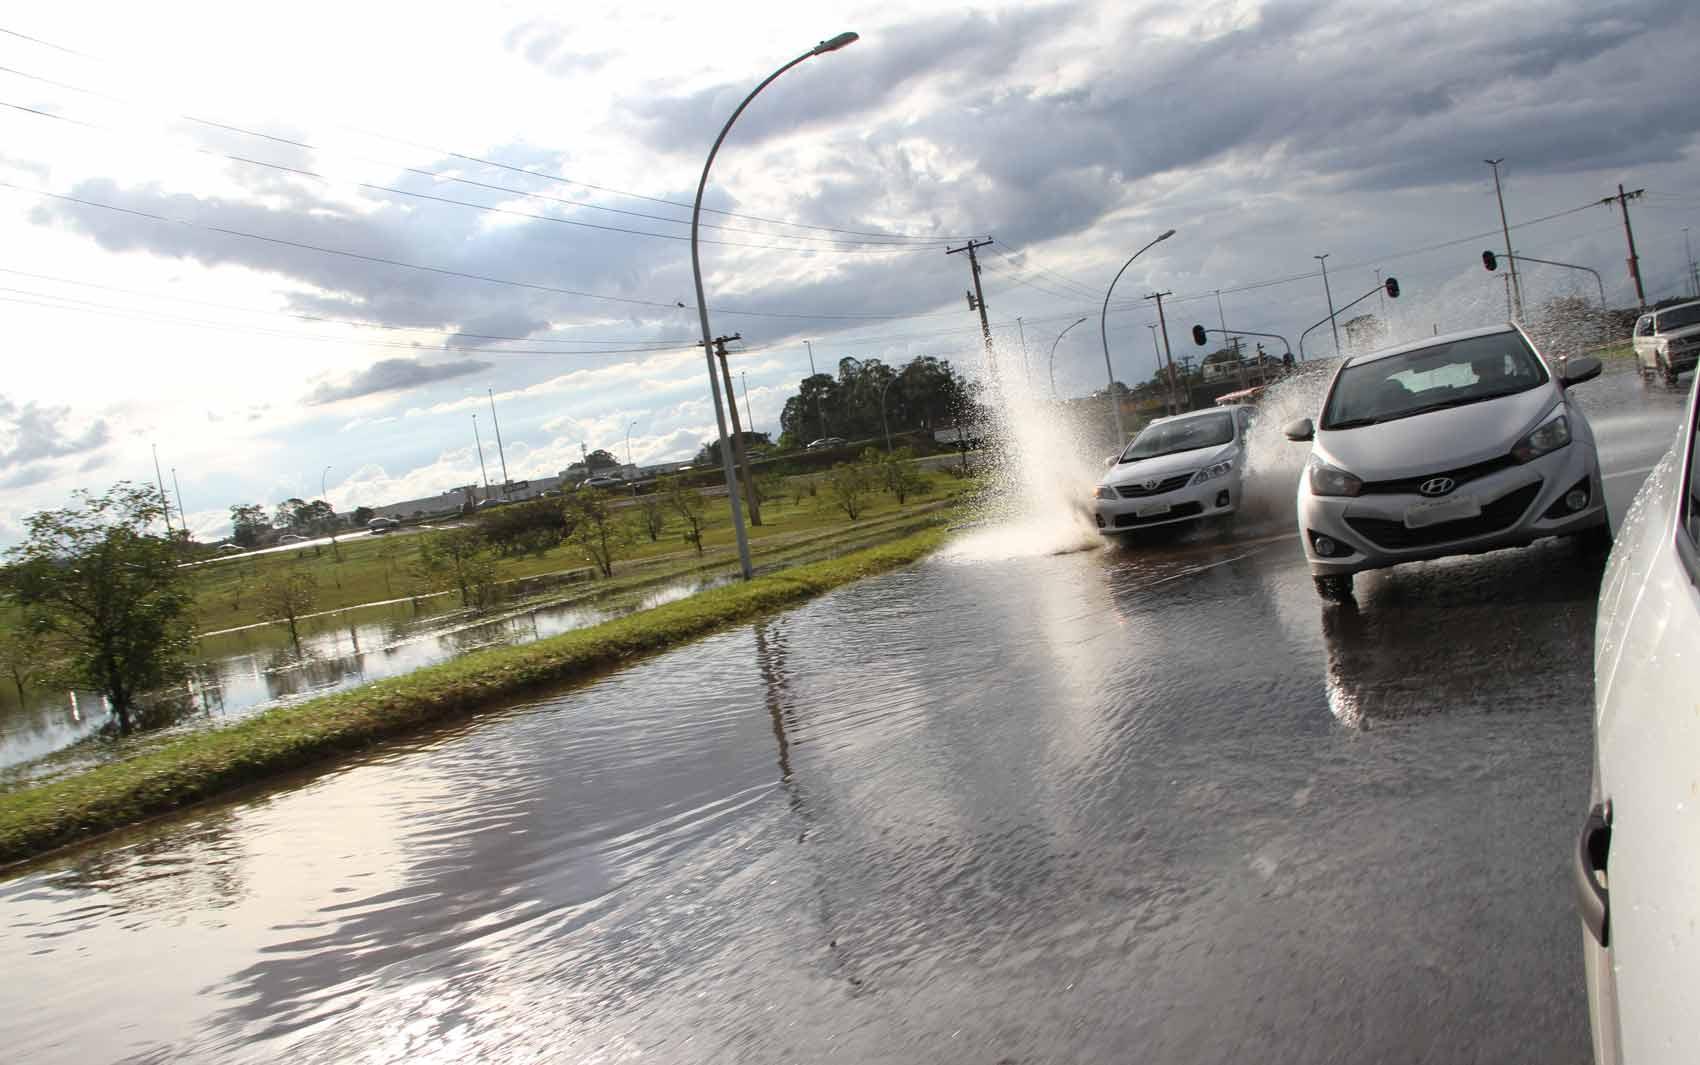 Carros passam por via alagada na região central de Brasília